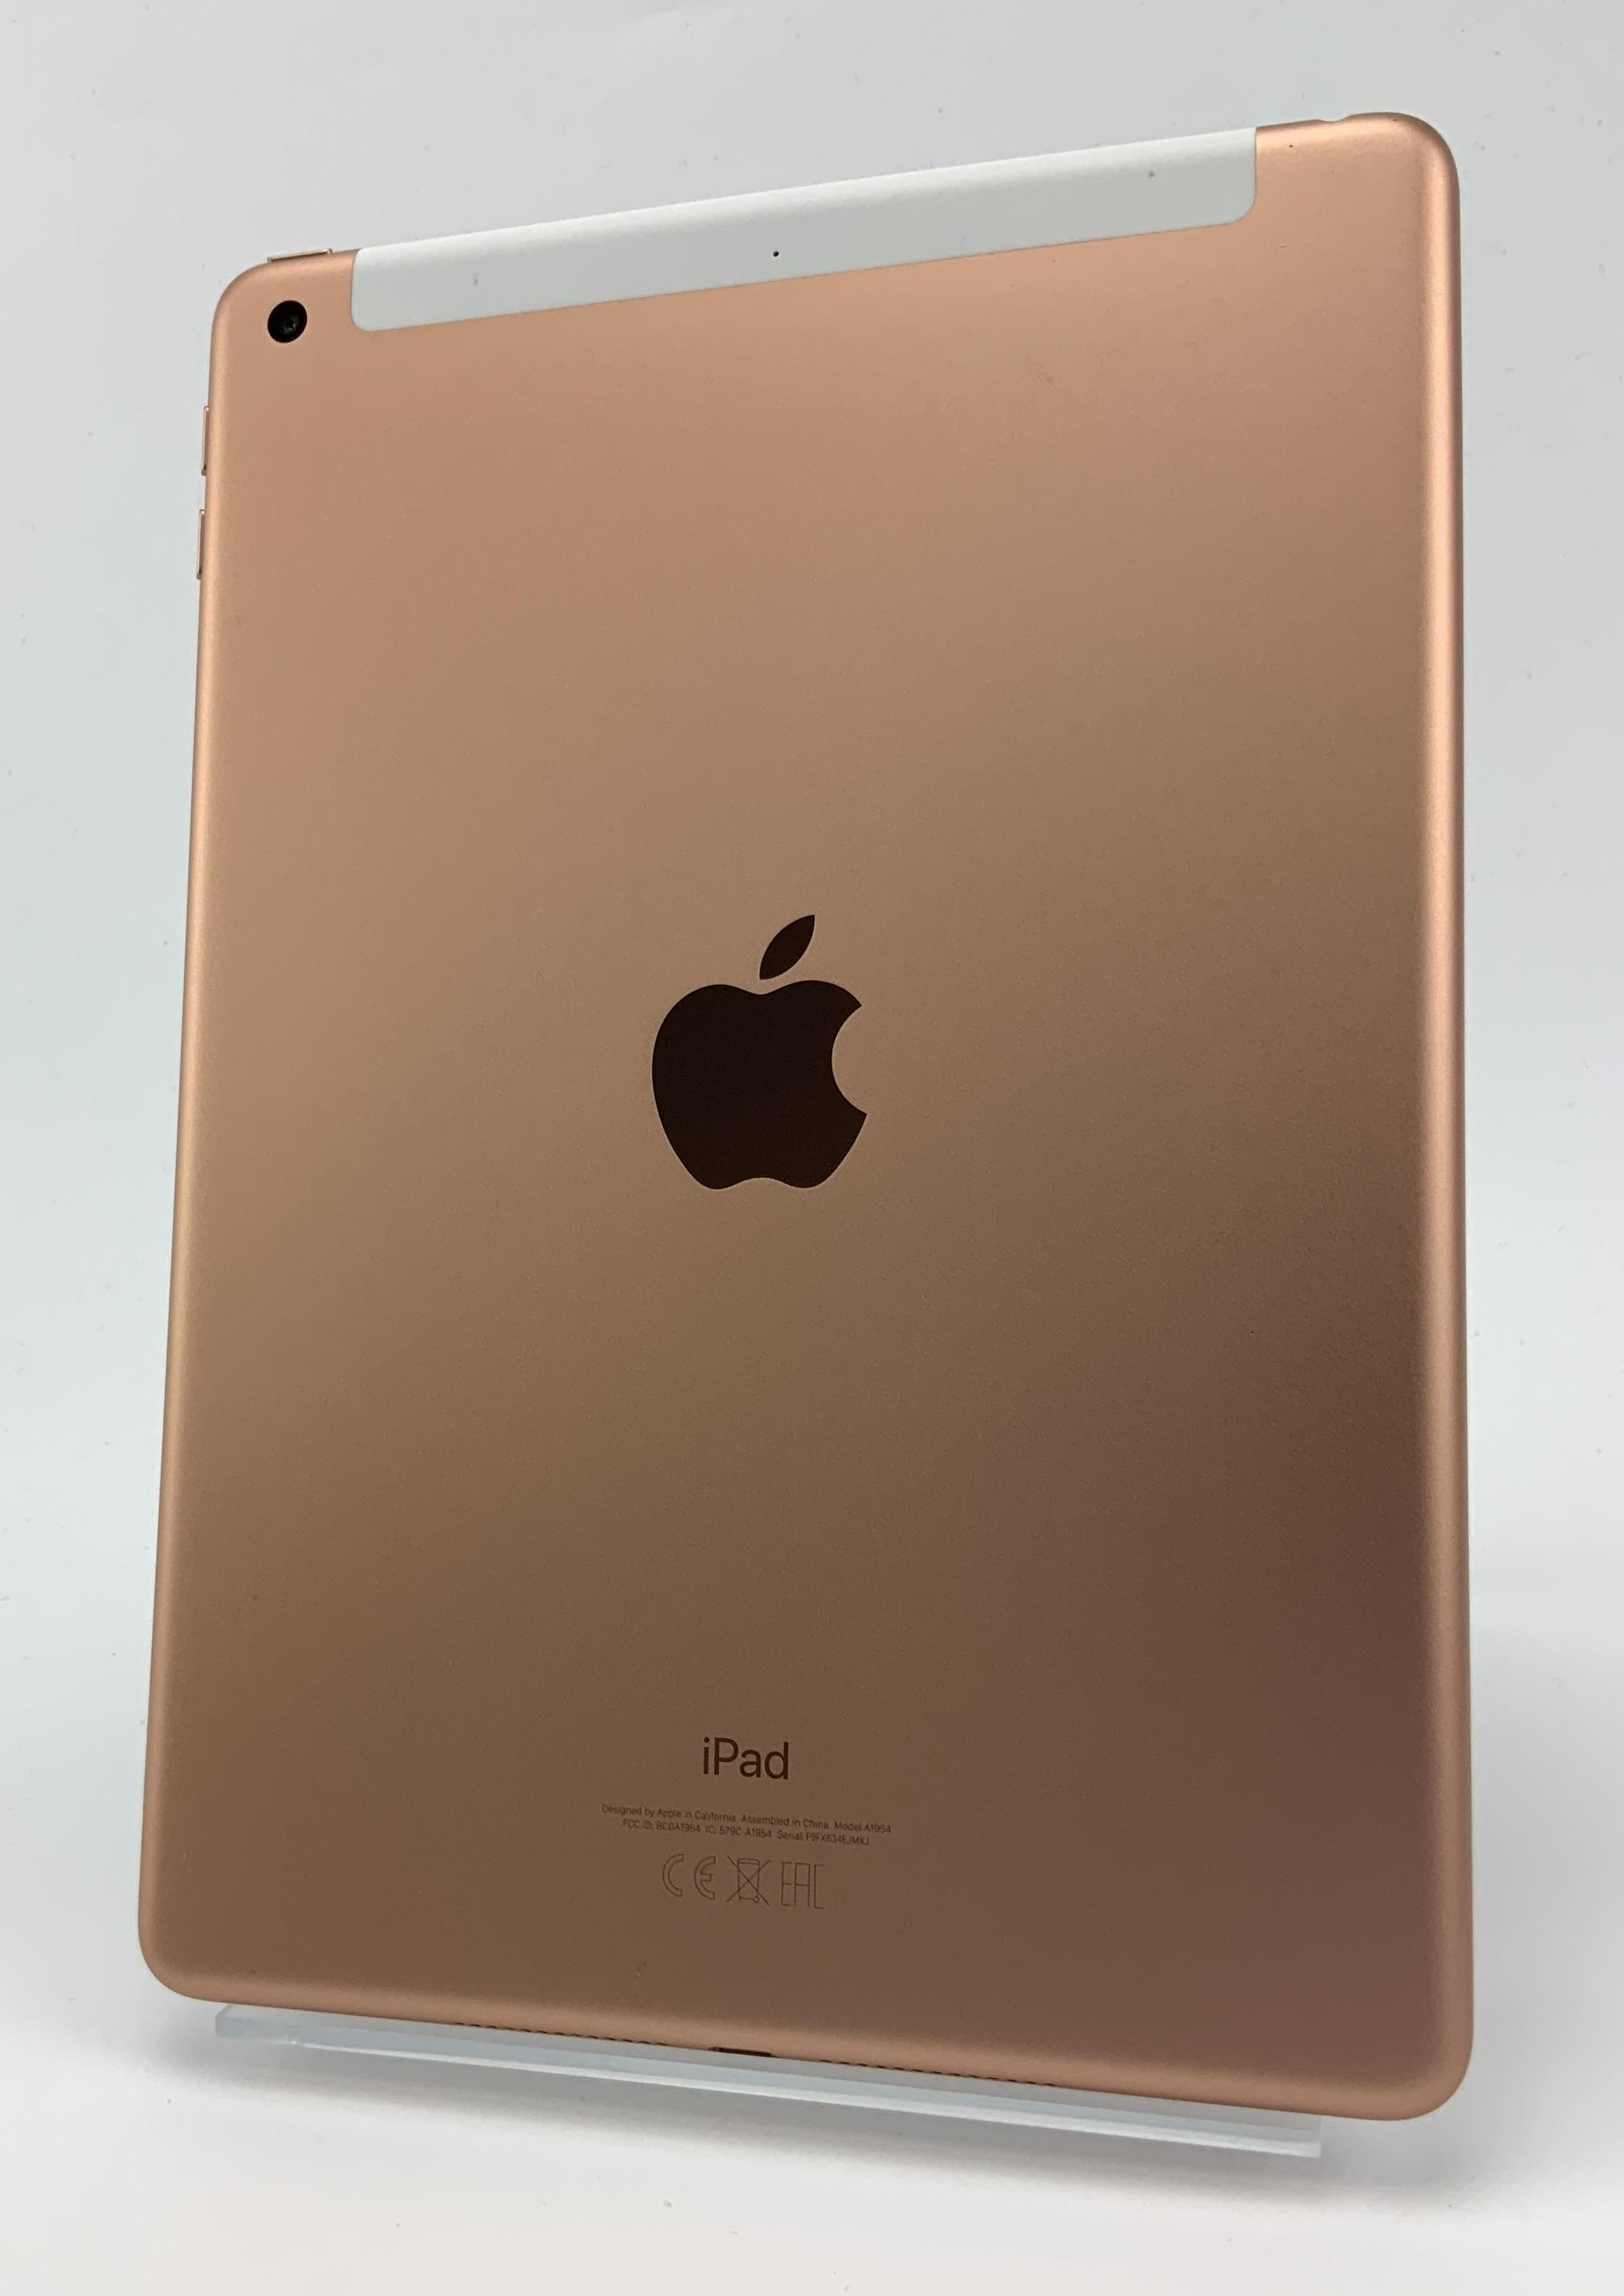 iPad 6 Wi-Fi + Cellular 32GB, 32GB, Gold, immagine 2